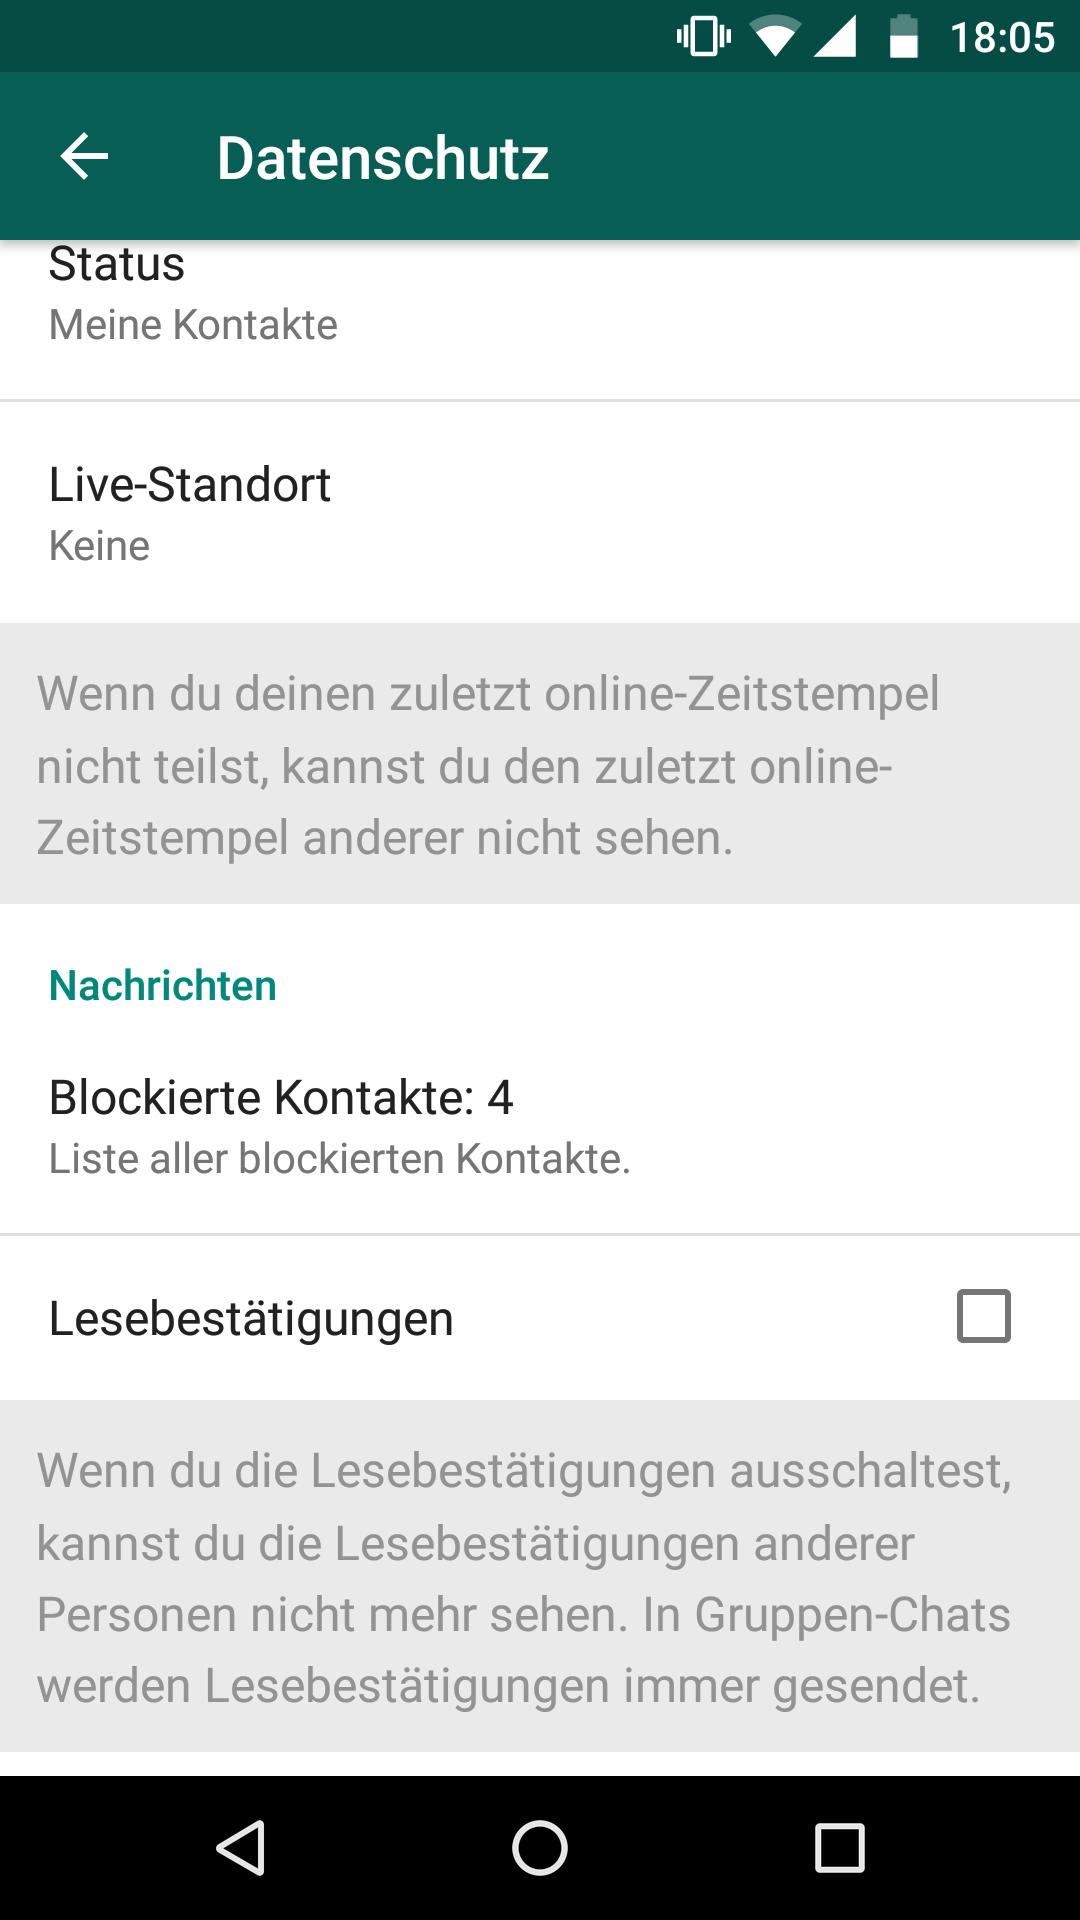 Whatsapp So Verbirgst Du Deinen Online Status Desiredde